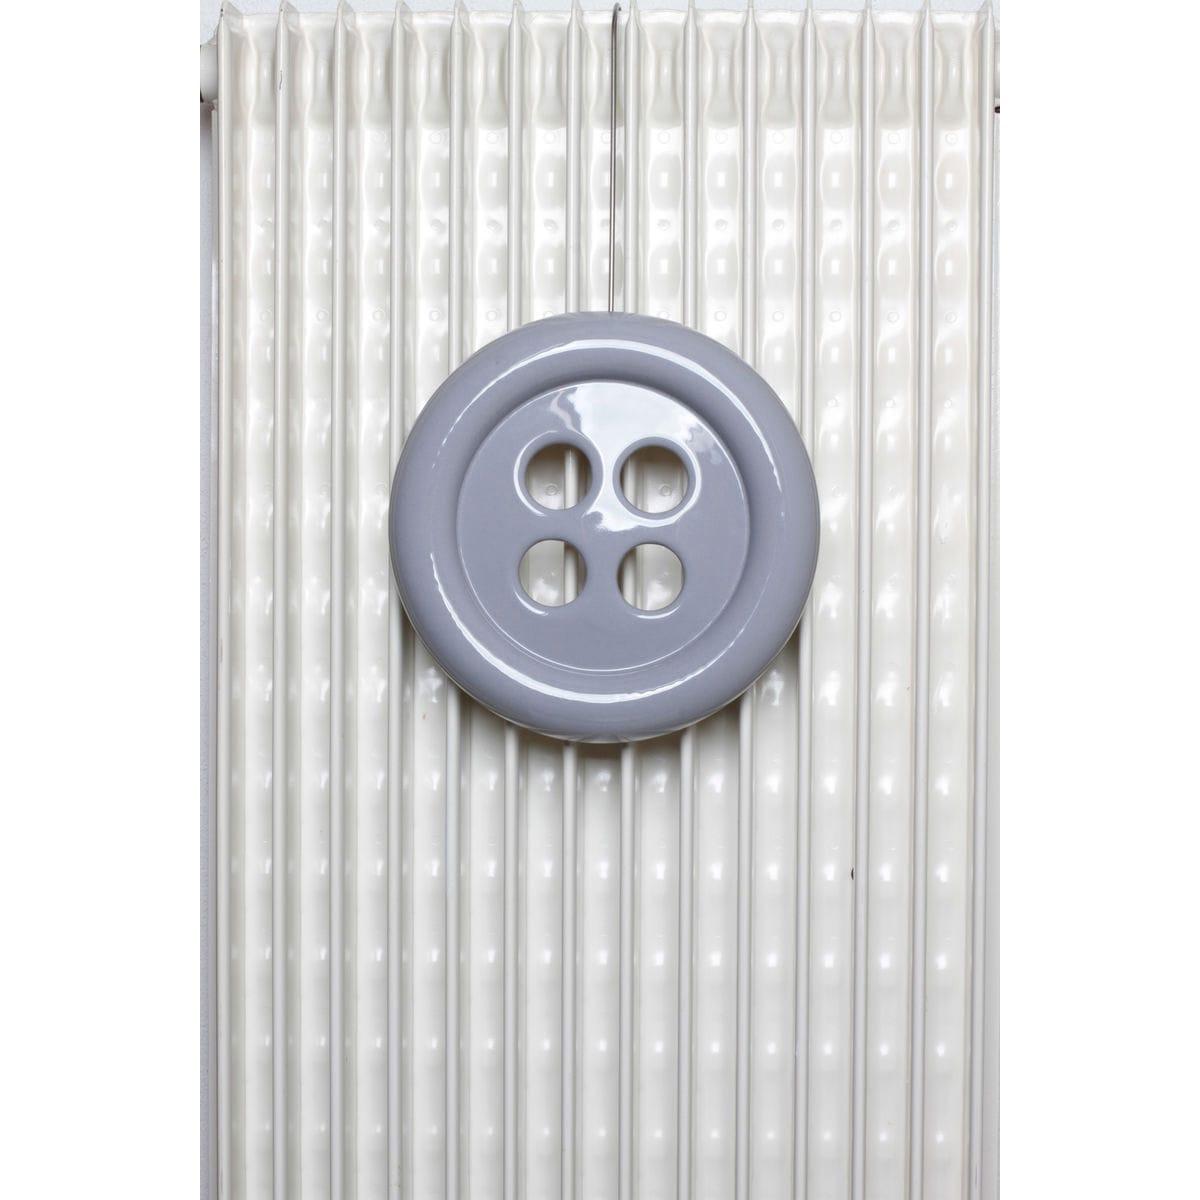 Umidificatore per termosifone in ceramica a forma di bottone colore grigio